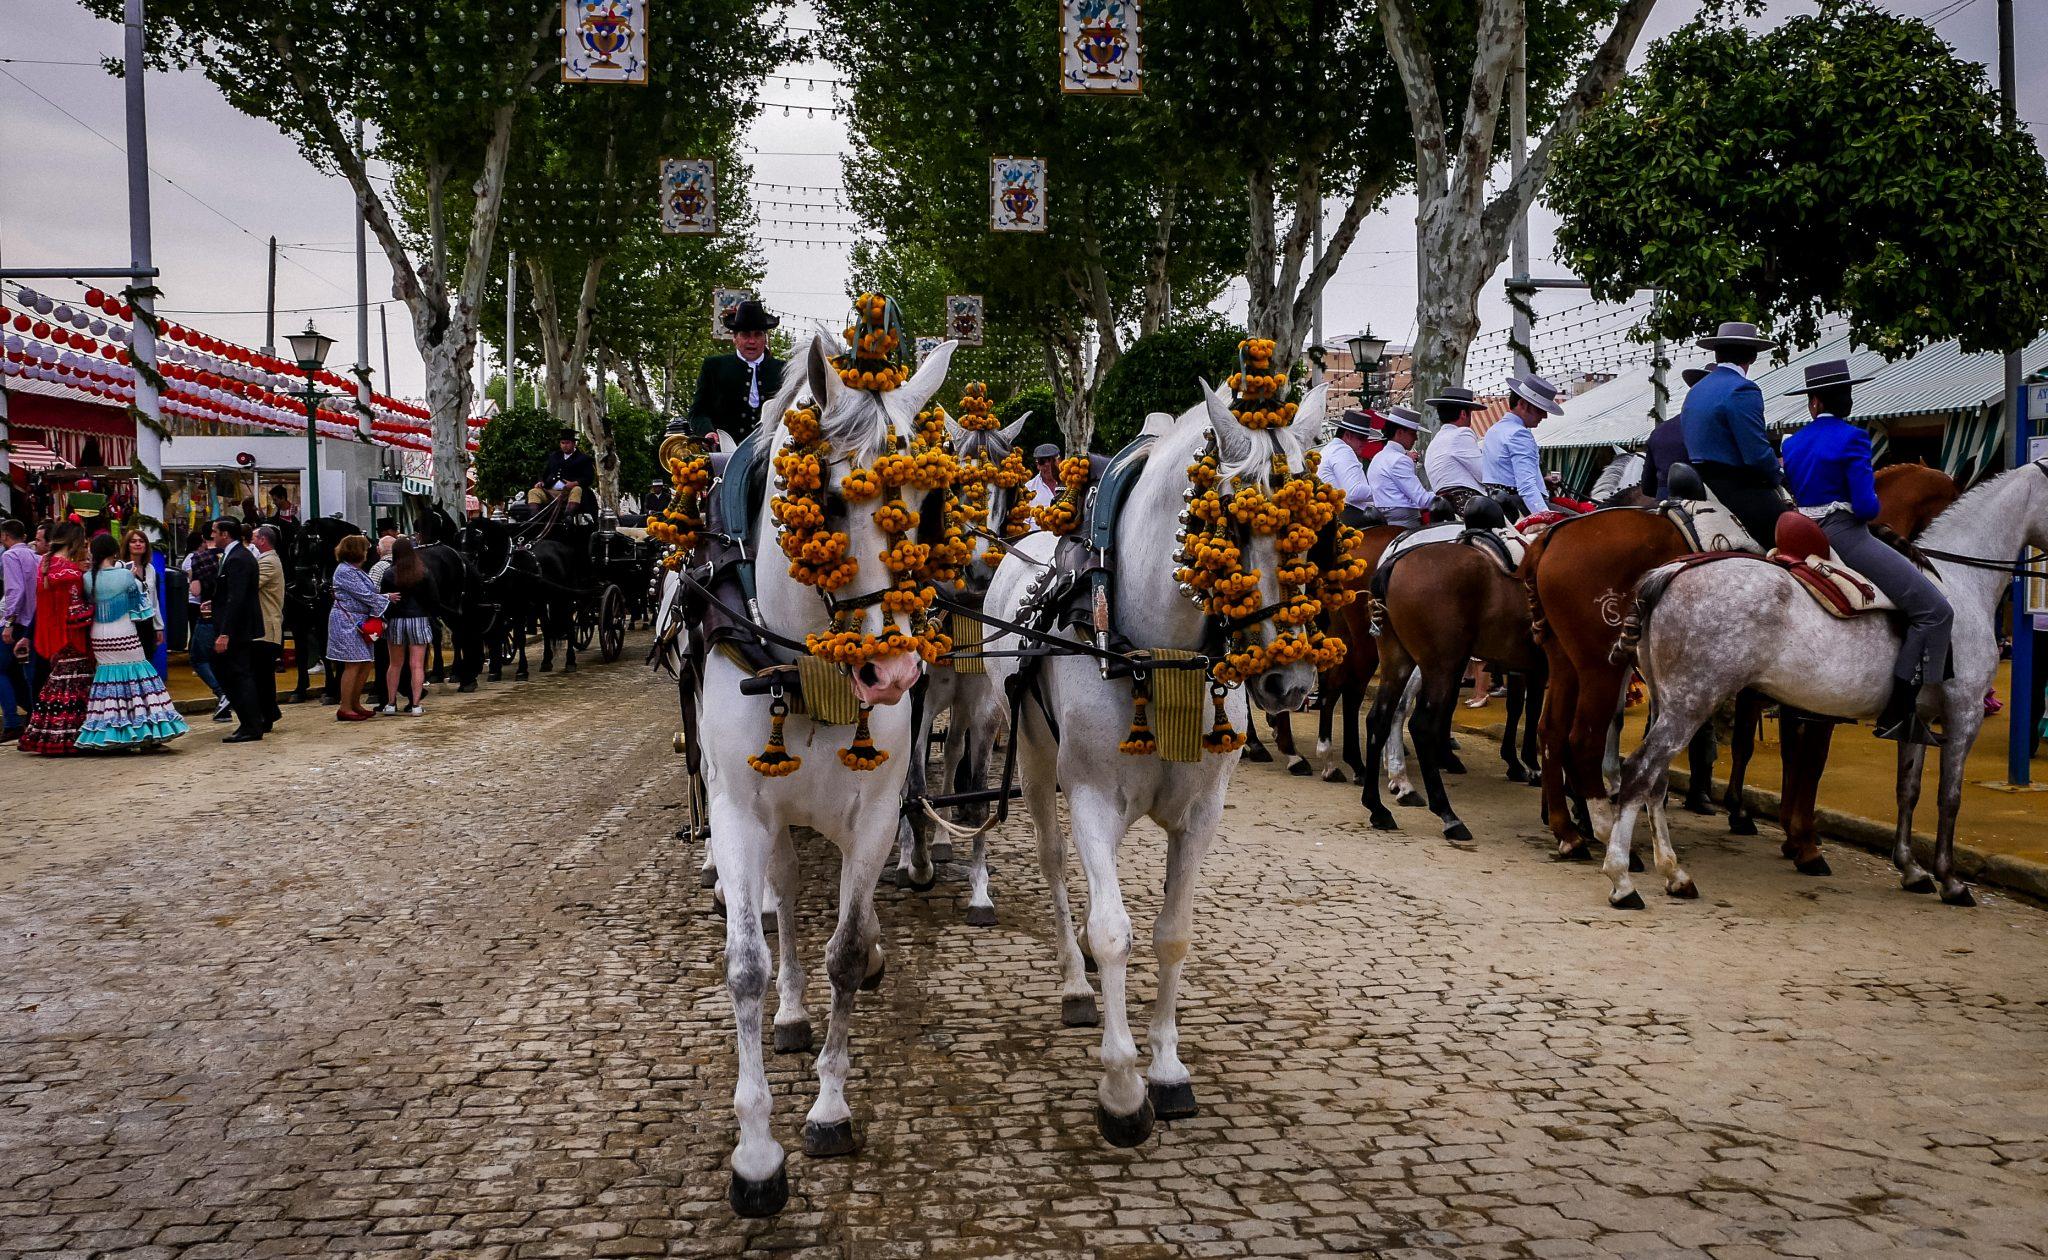 Die Pferde und Kutschen werden für die Feria de Abril in Sevilla besonders hübsch geschmückt.